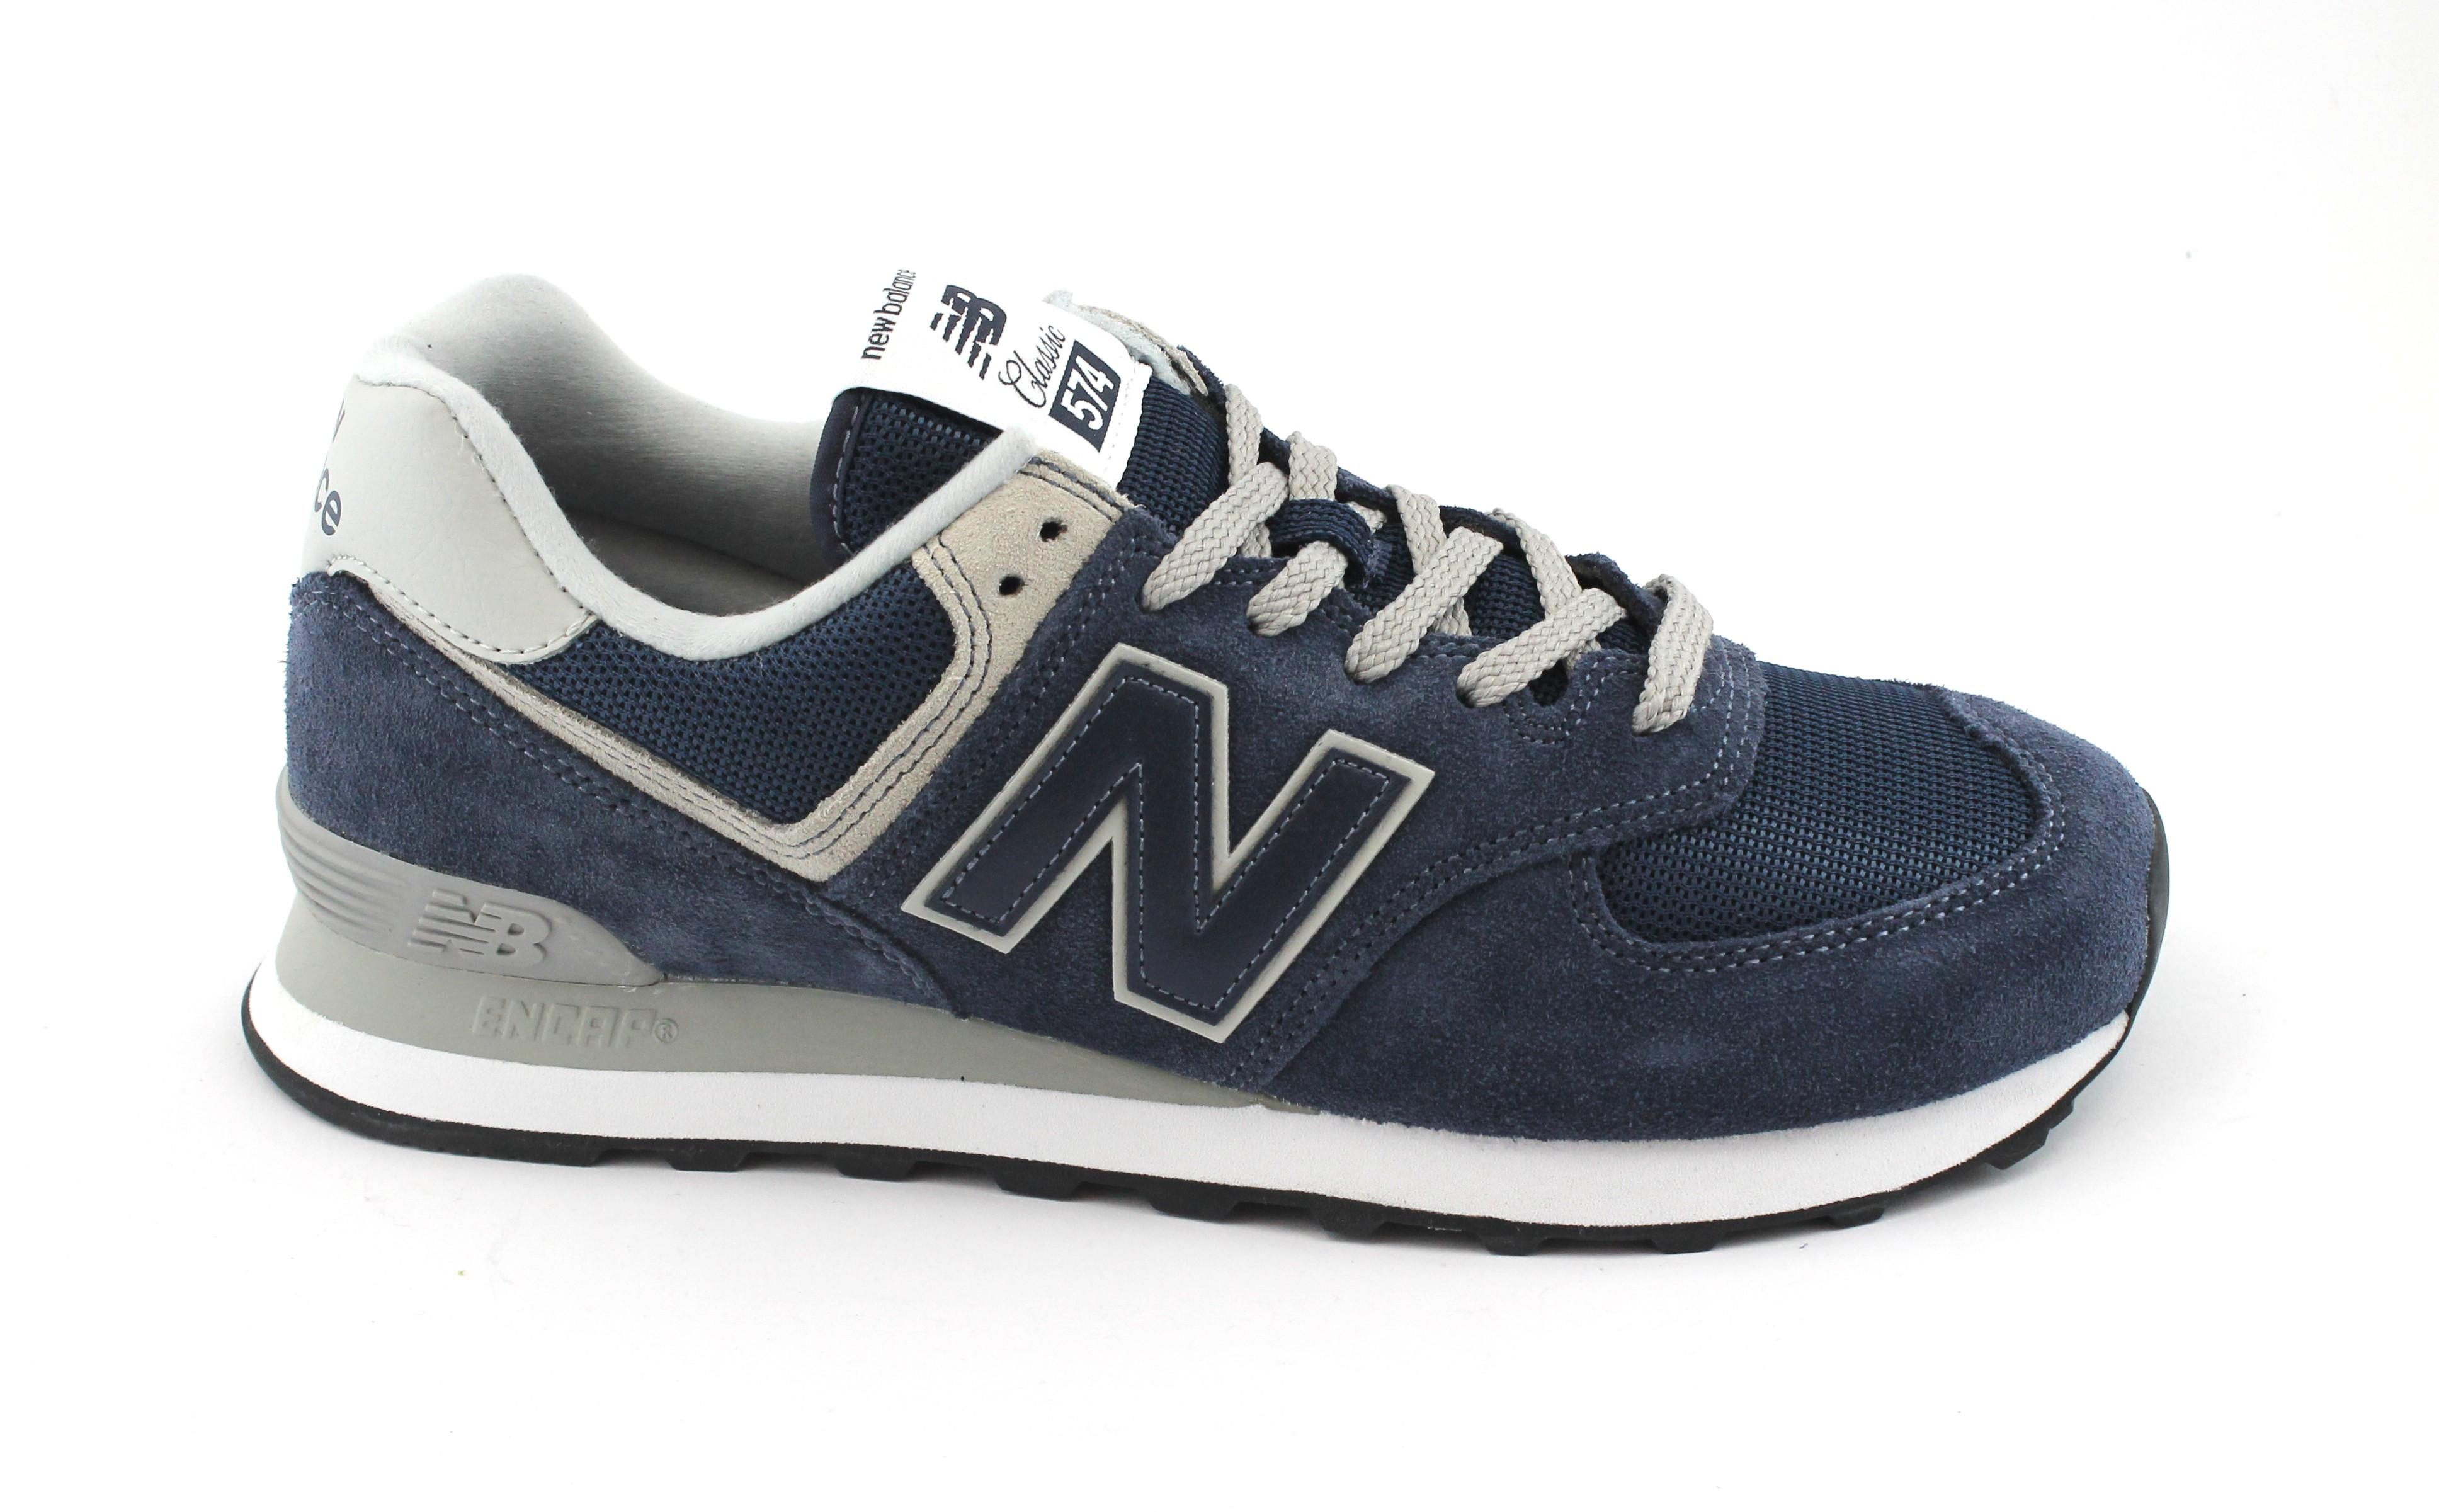 NEW BALANCE ML574 EGN blu scarpe uomo scarpe da ginnastica lacci tessuto camoscio